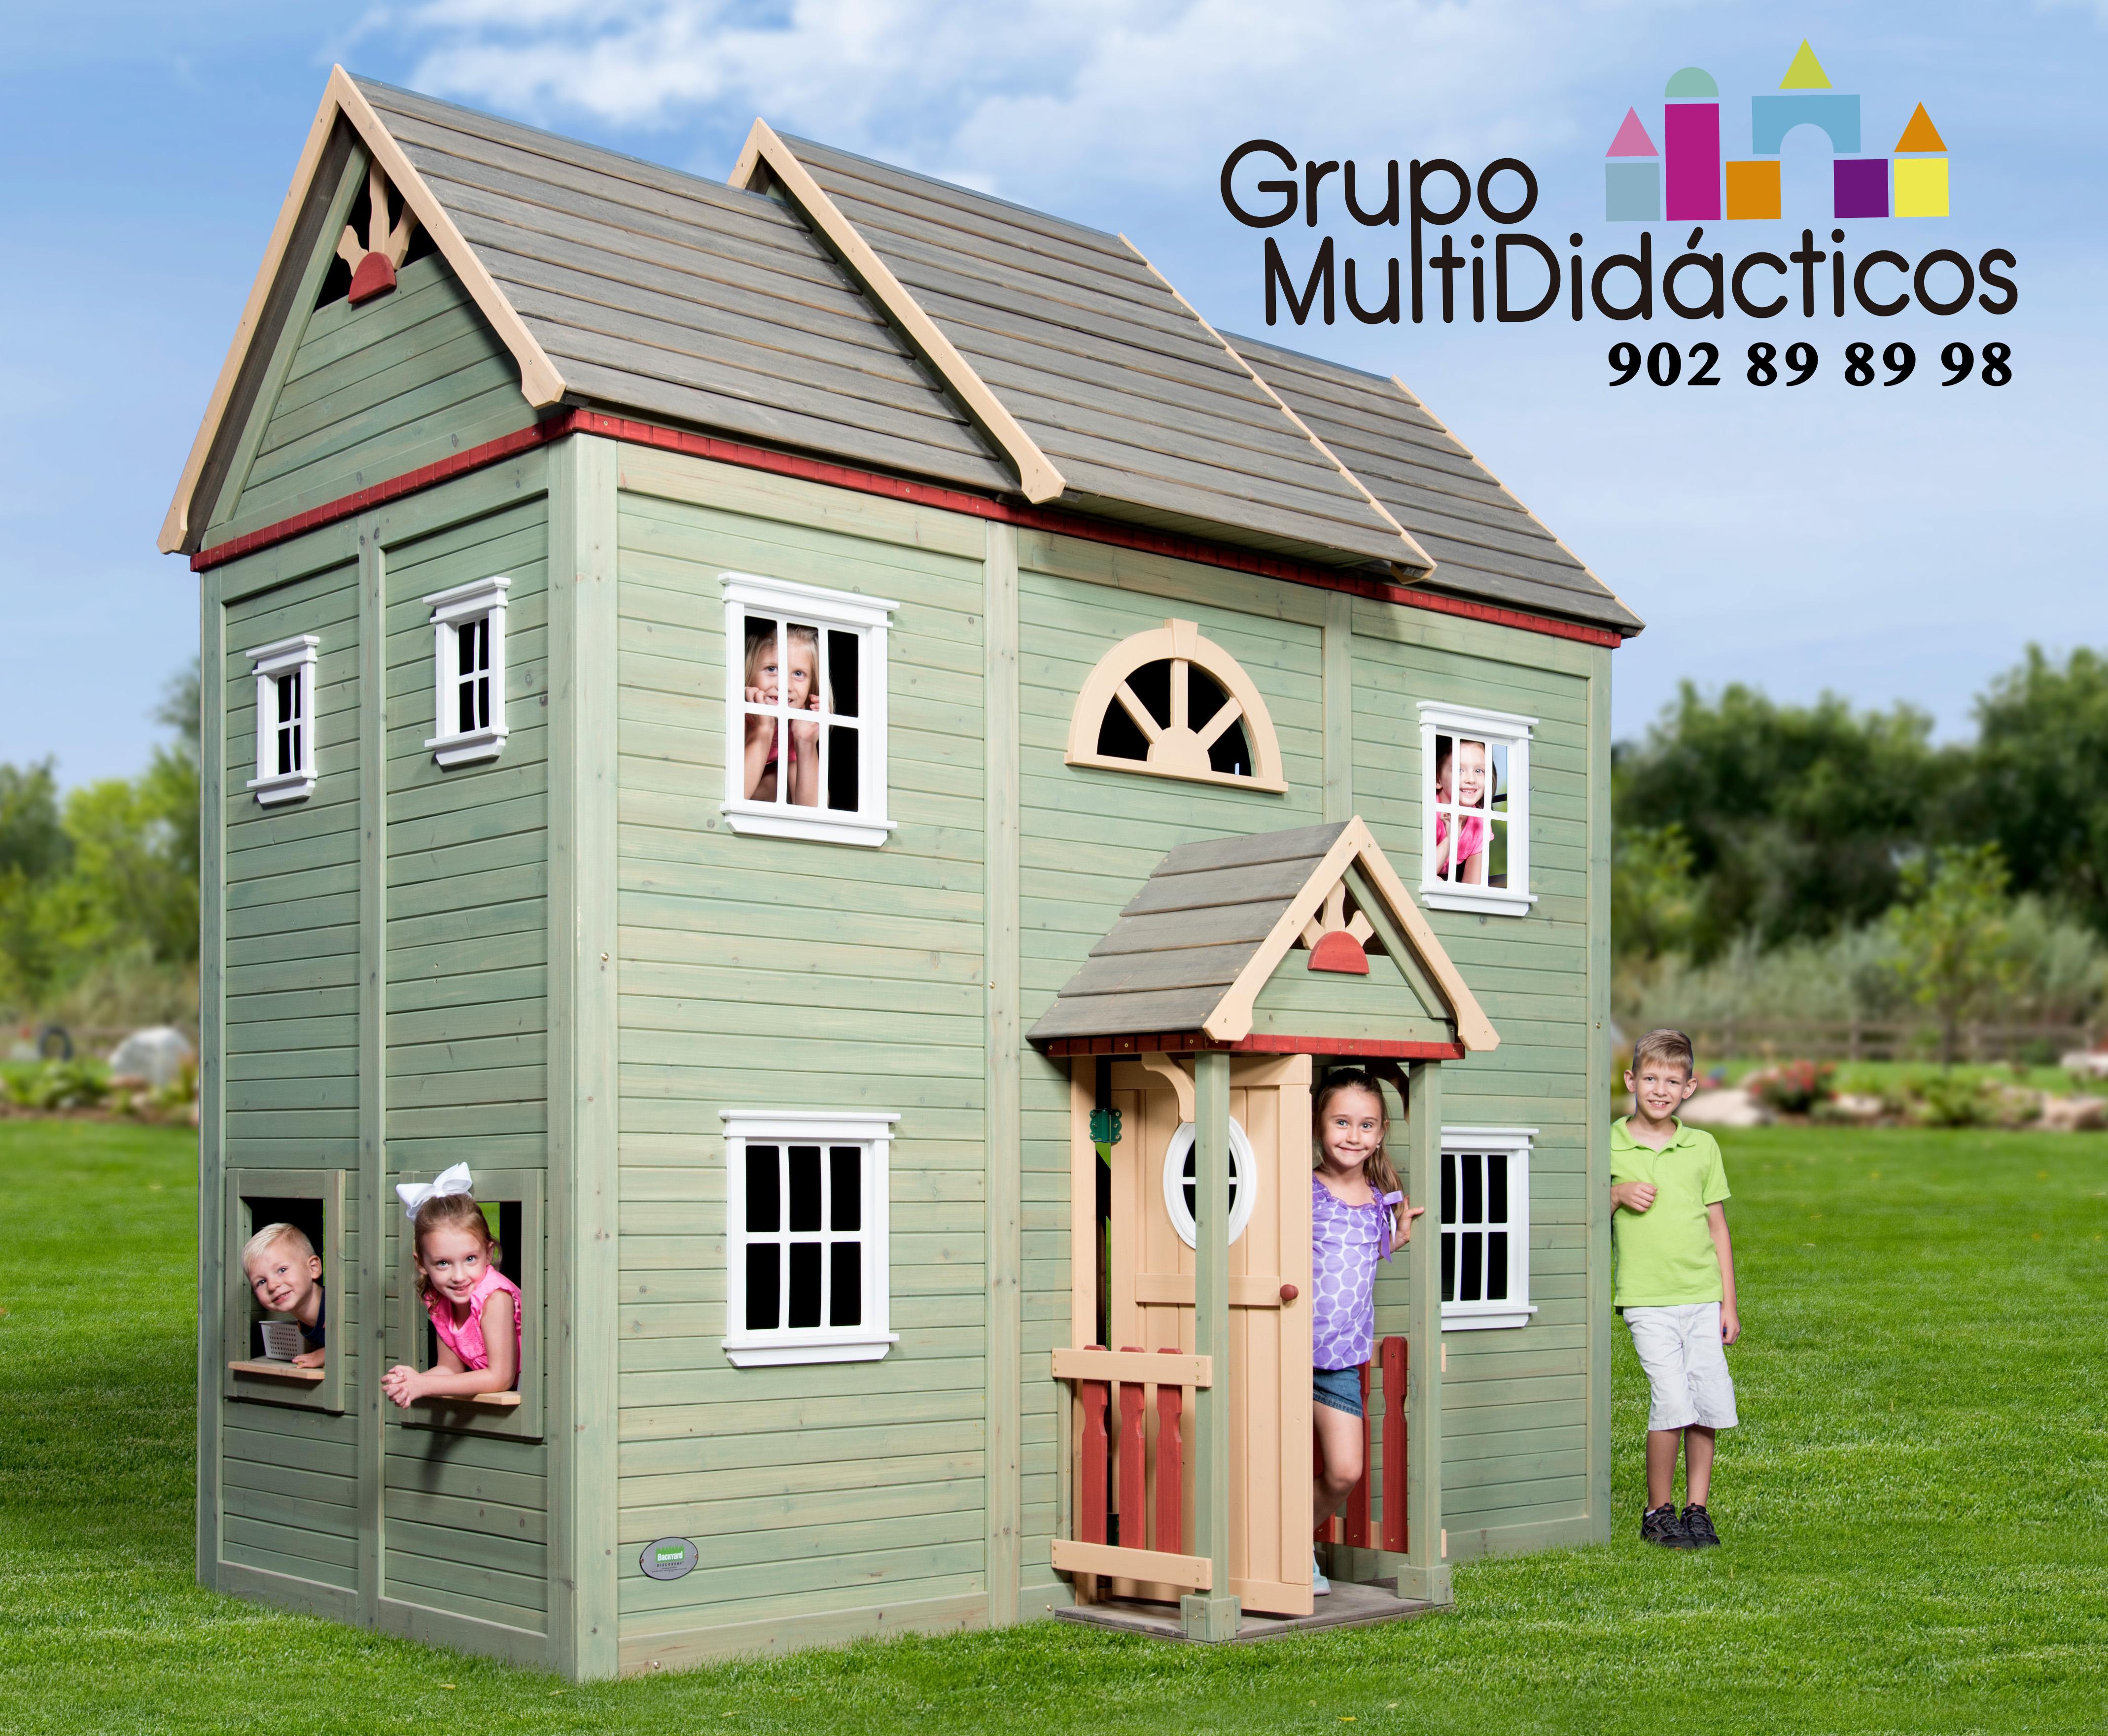 Casas de madera para ni os baratas hydraulic actuators for Casas de madera ninos baratas